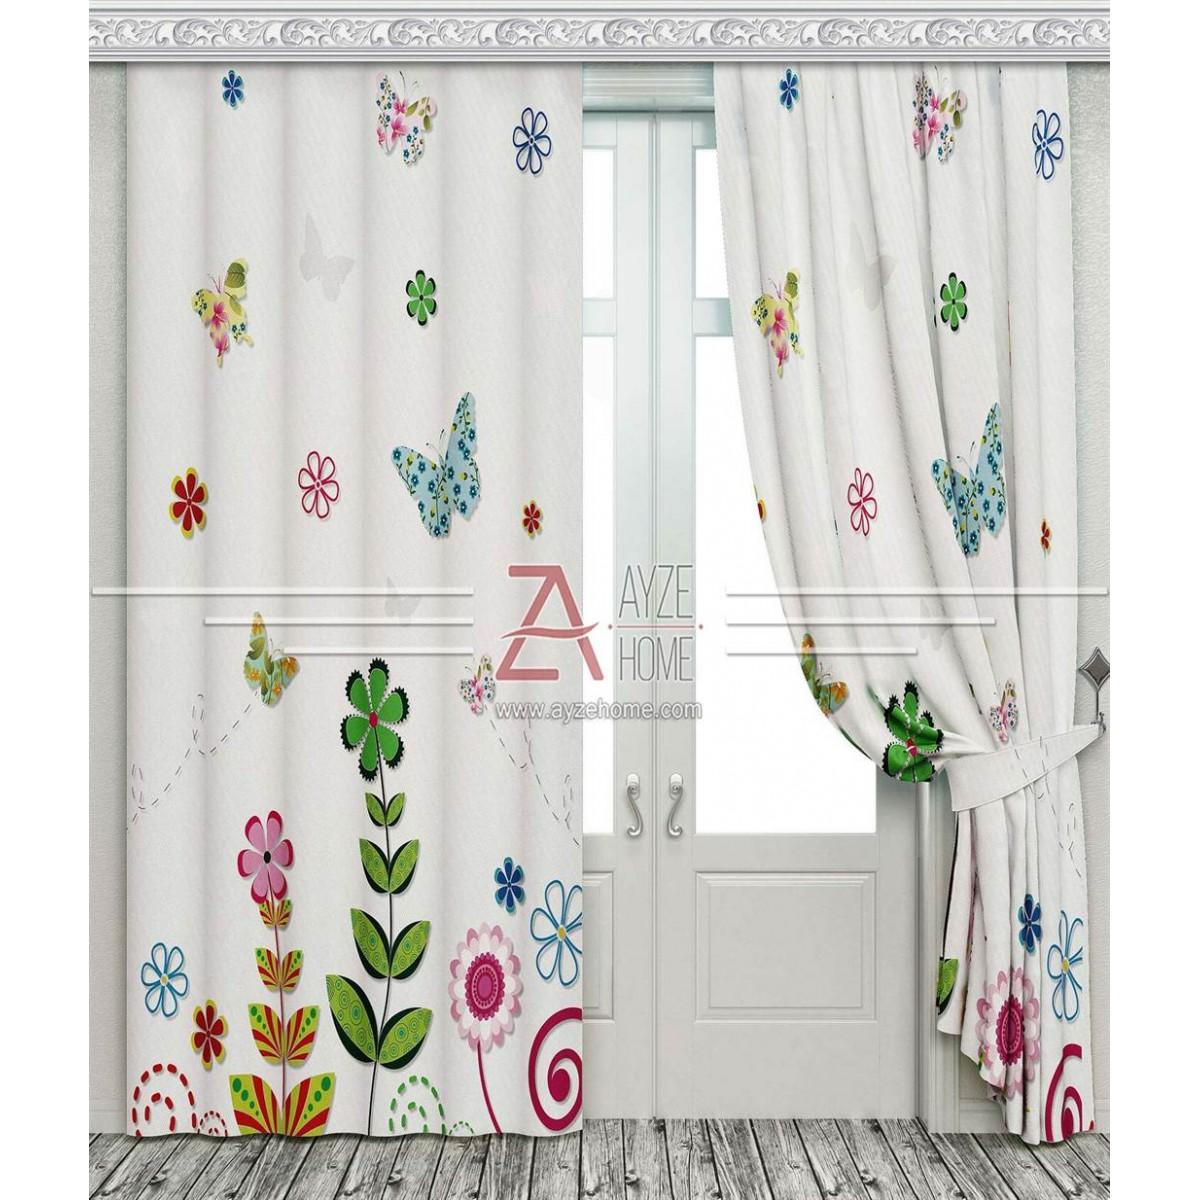 Bebek Odası - Kelebekler ve Çiçekler - Baskılı Fon Perde